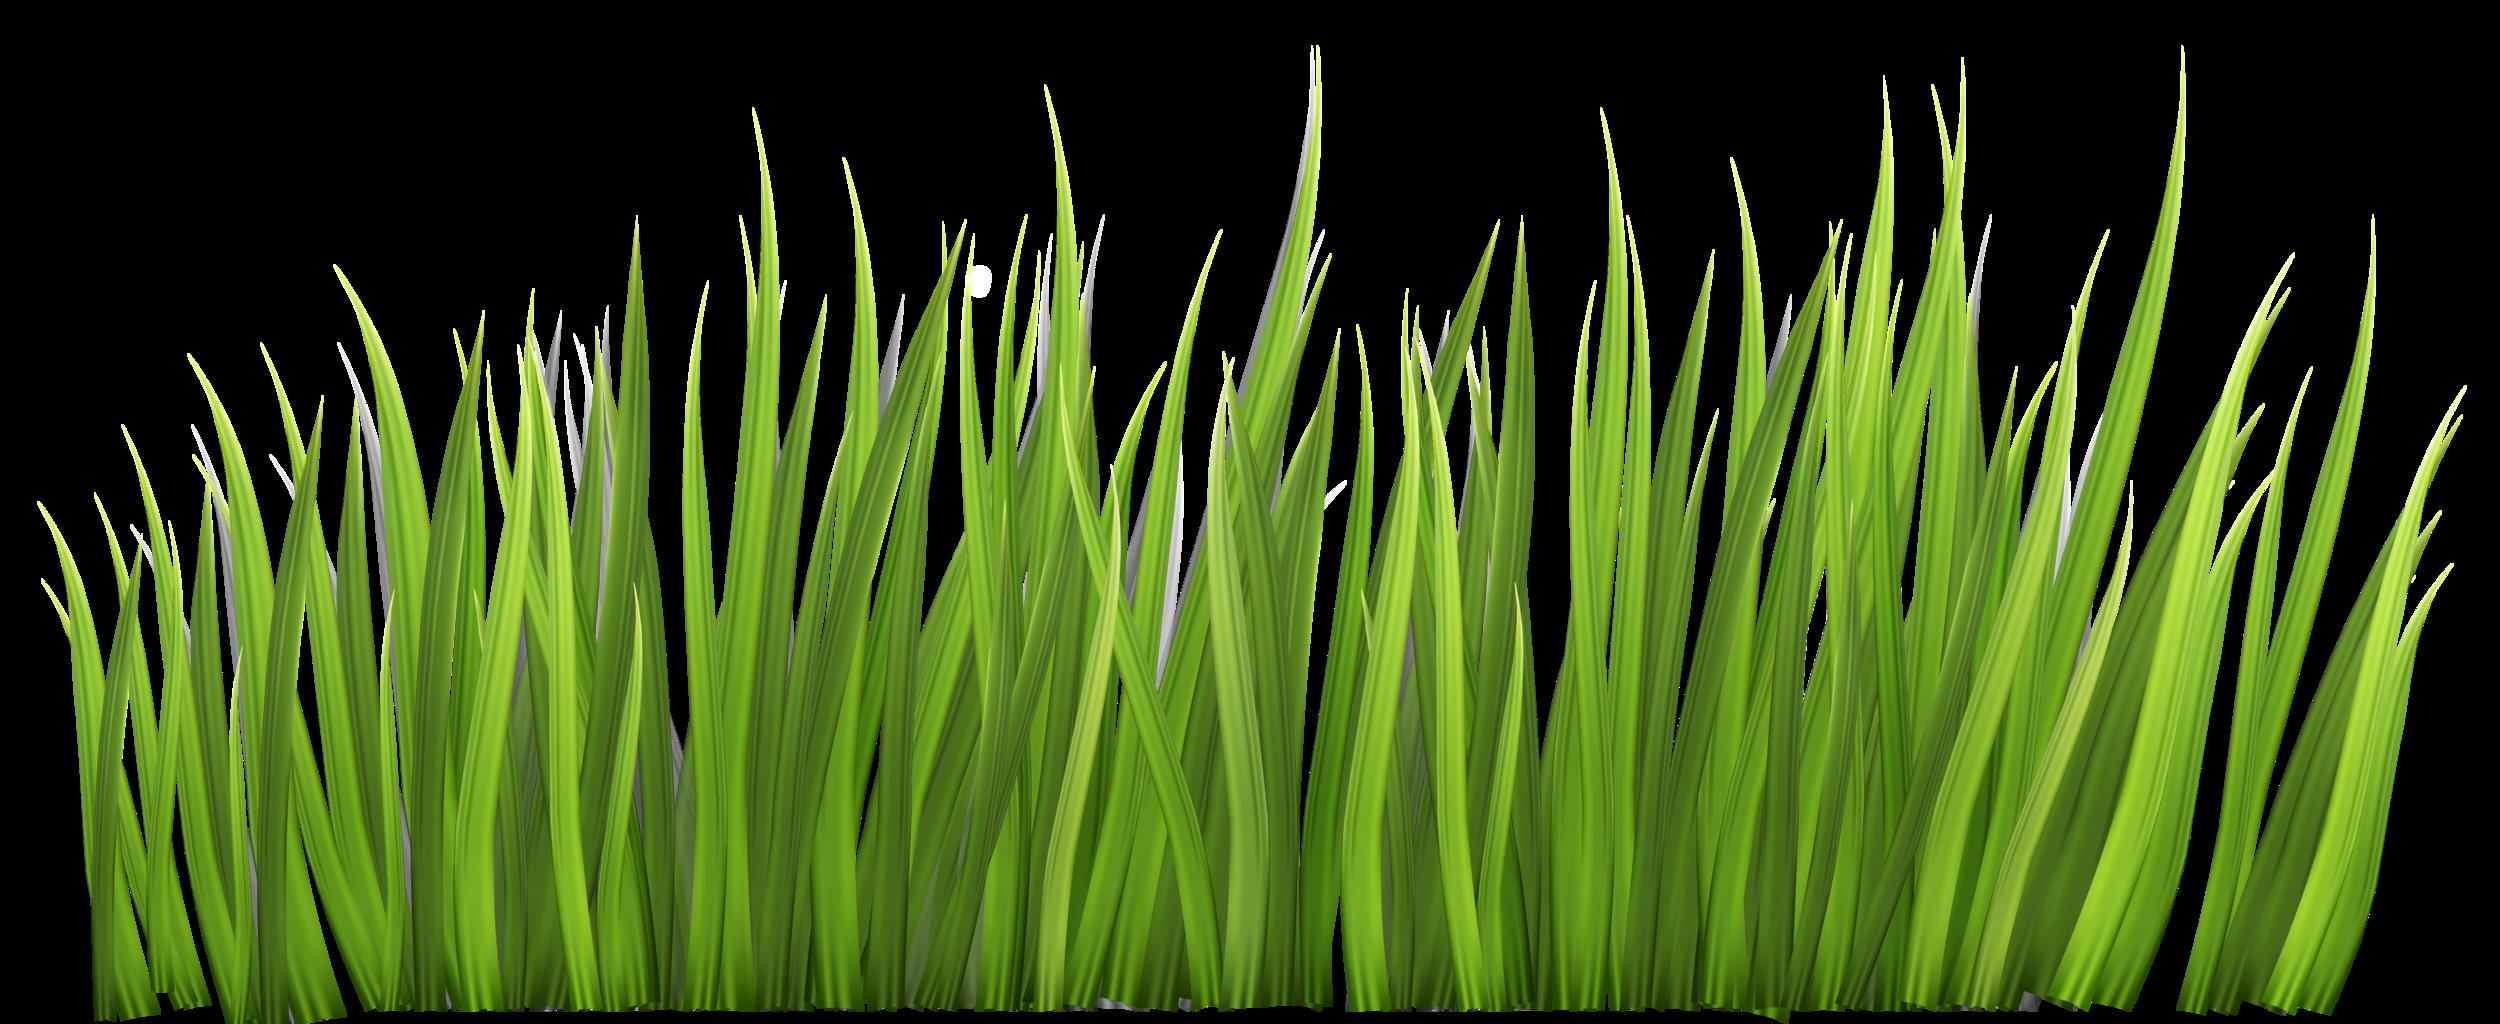 grass-blades-2.png